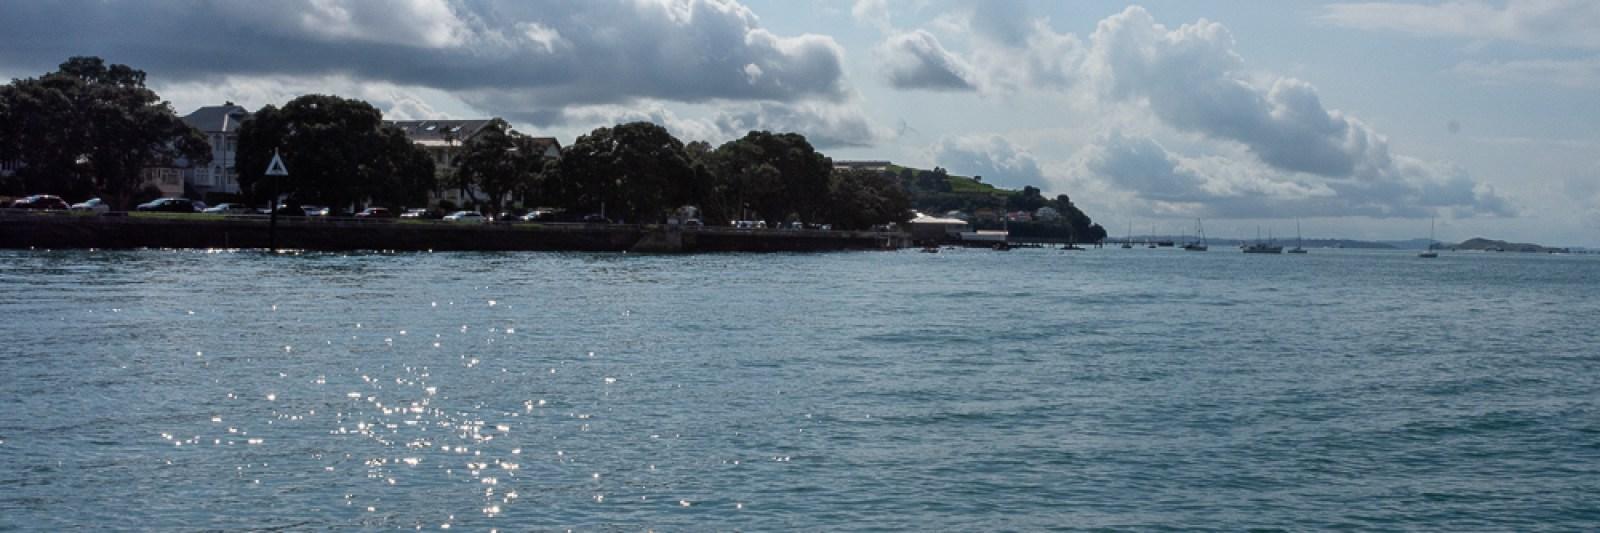 Devonport in New Zealand along the shore